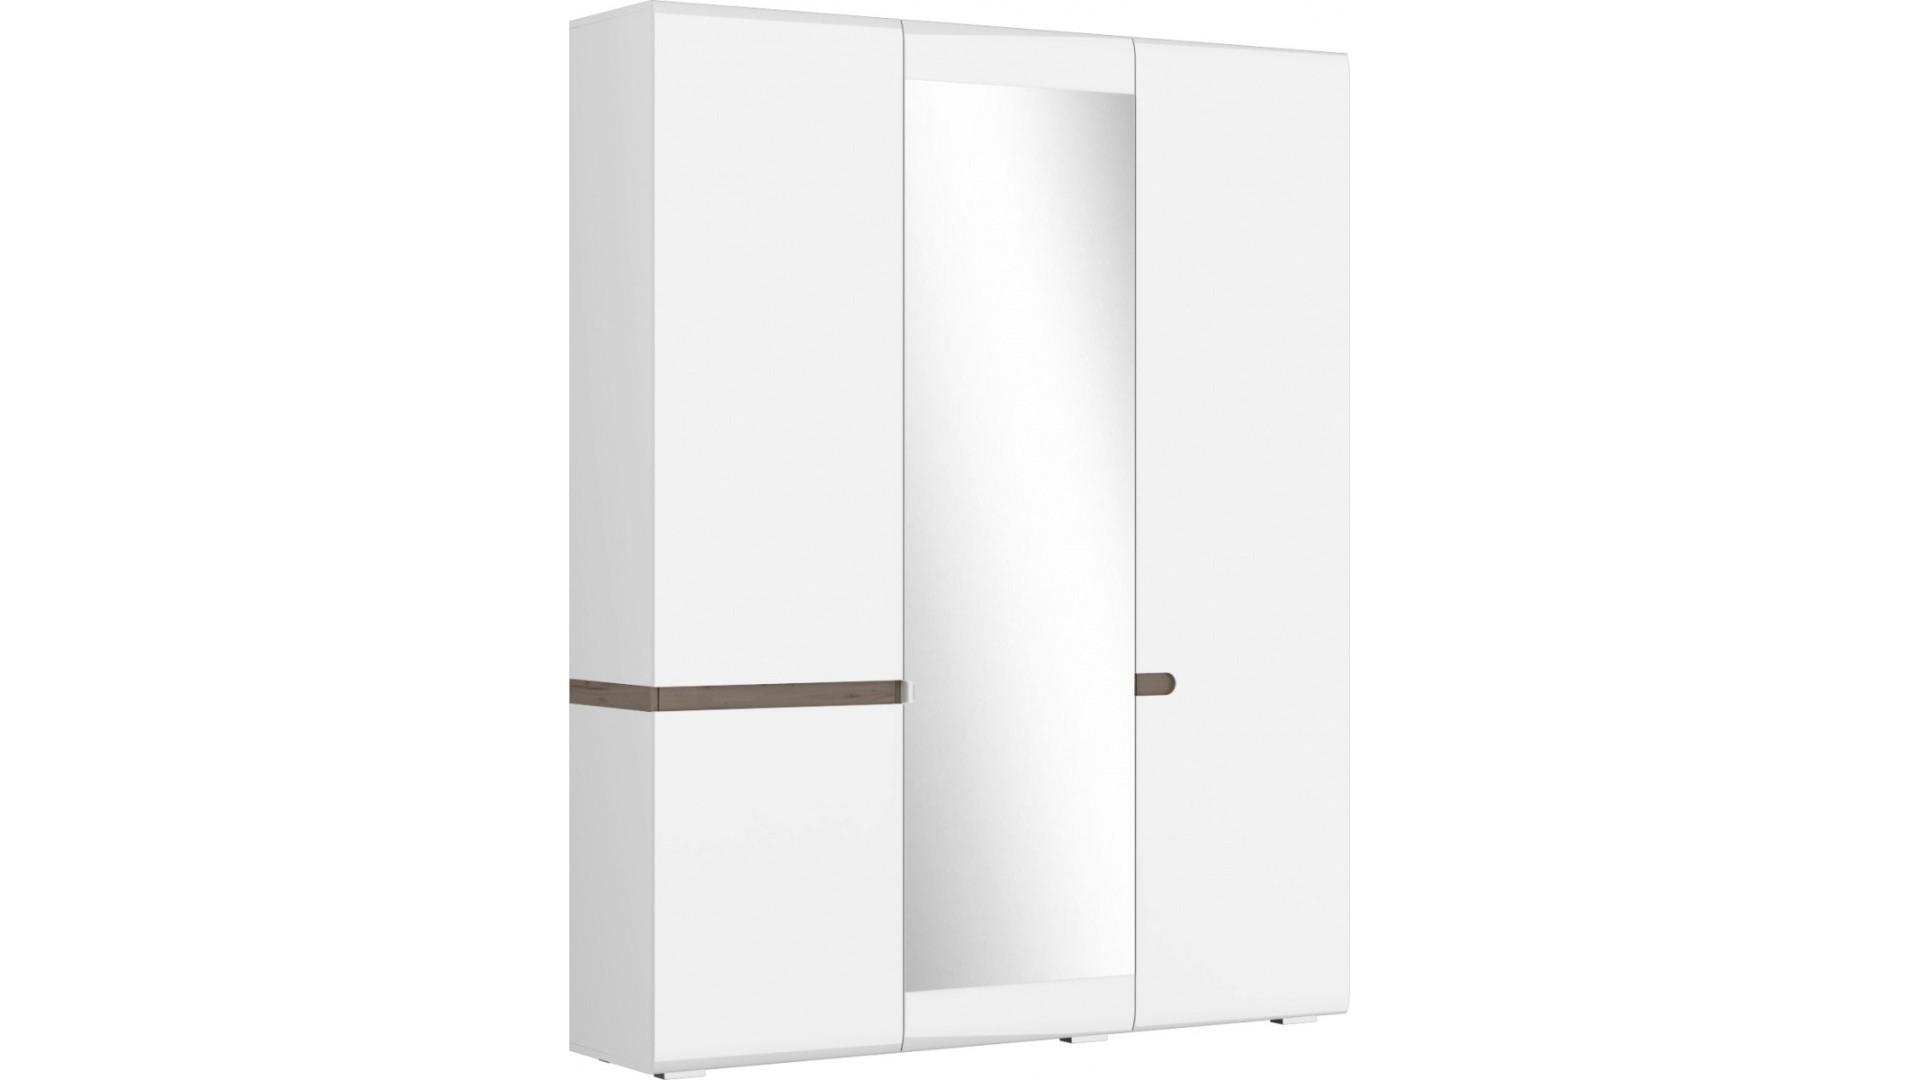 Шкаф 3х. створчатый  Ультра (540) Белый/Белый гл.